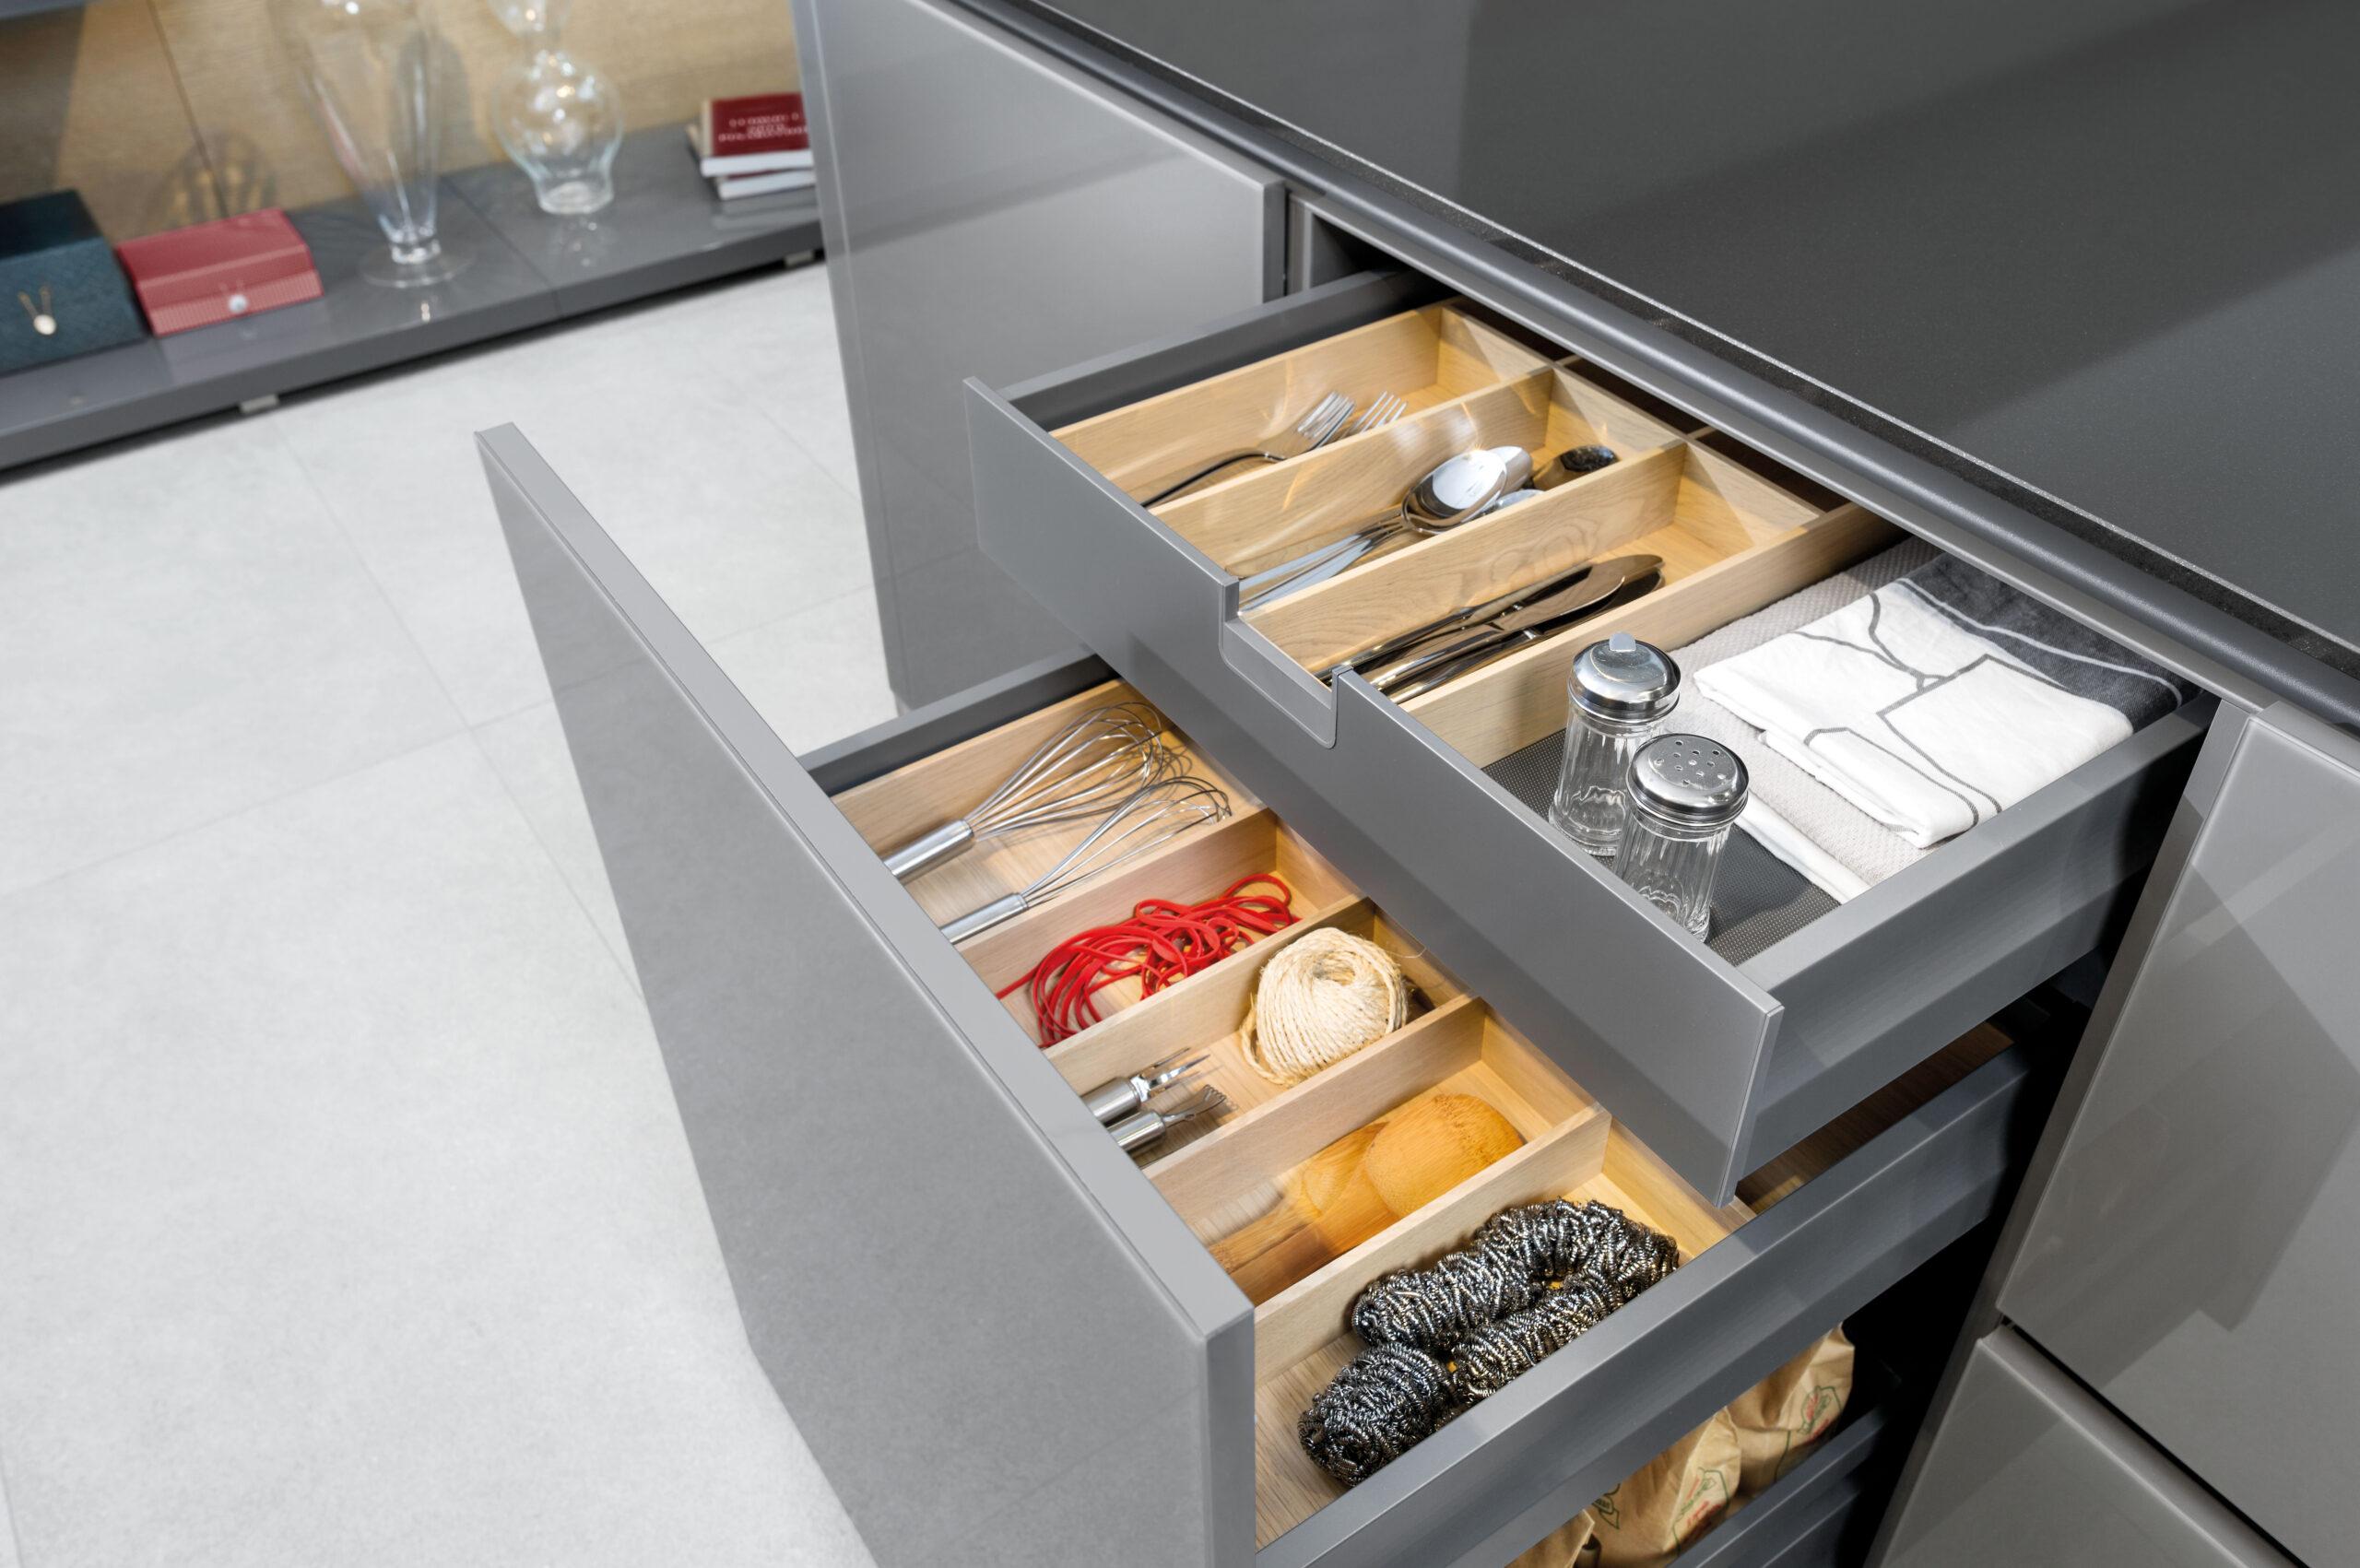 Clevere Ausstattung Fr Eine Perfekt Organisierte Kche Kcheco Was Kostet Küche Ikea Kosten Holzküche Edelstahlküche Magnettafel Lieferzeit Musterküche Wohnzimmer Schubladen Ordnungssystem Küche